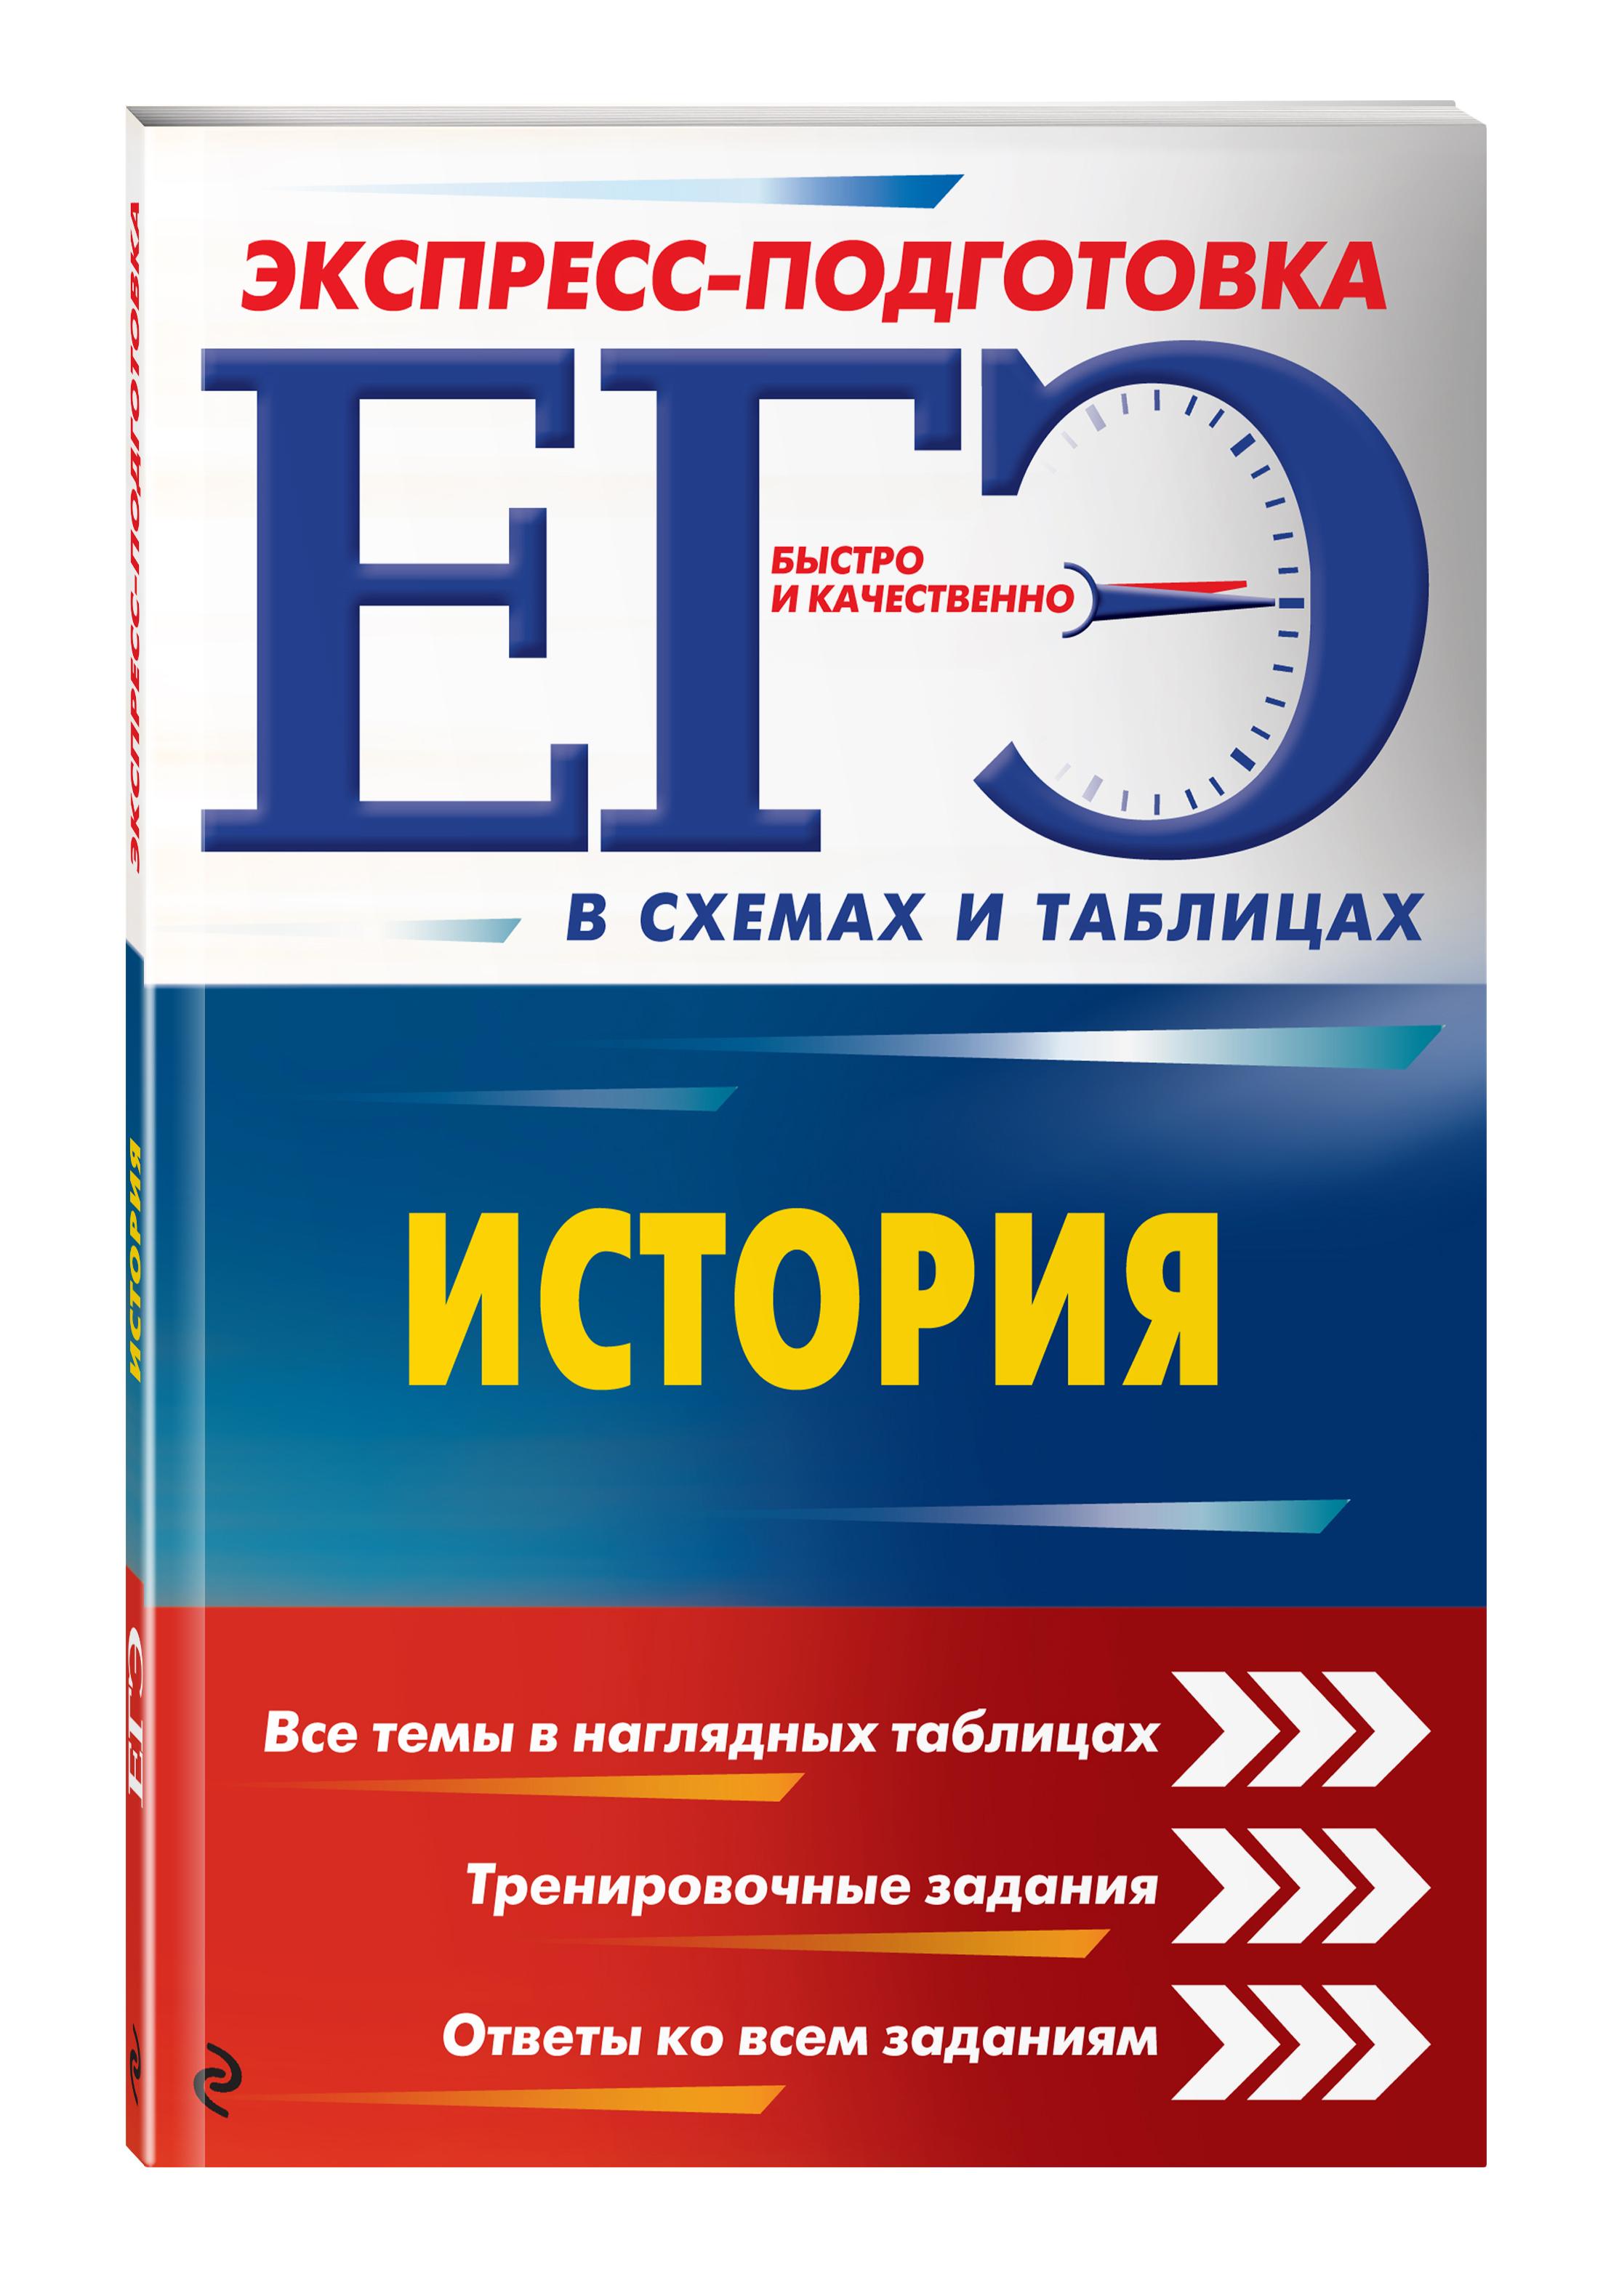 История россии в таблицах и схемах 10-11 баранов